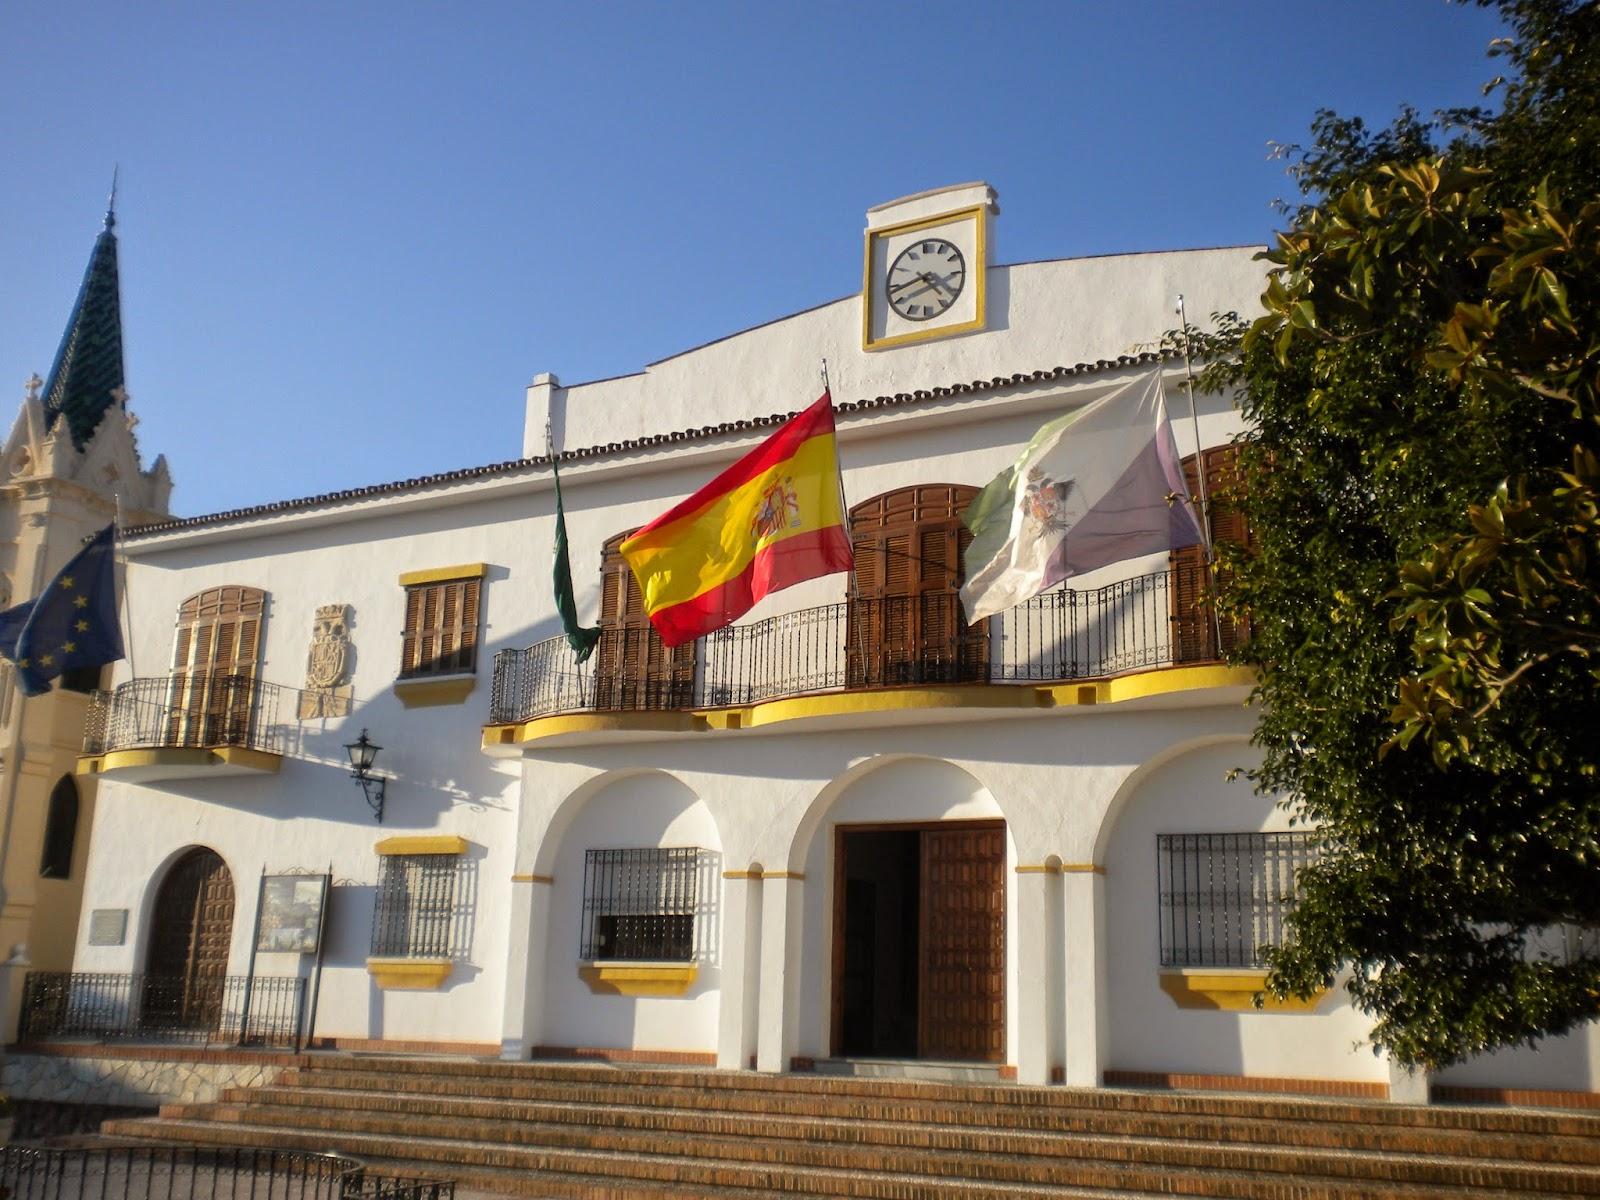 Pueblos-andaluces: Alhaurín el Grande (Málaga)